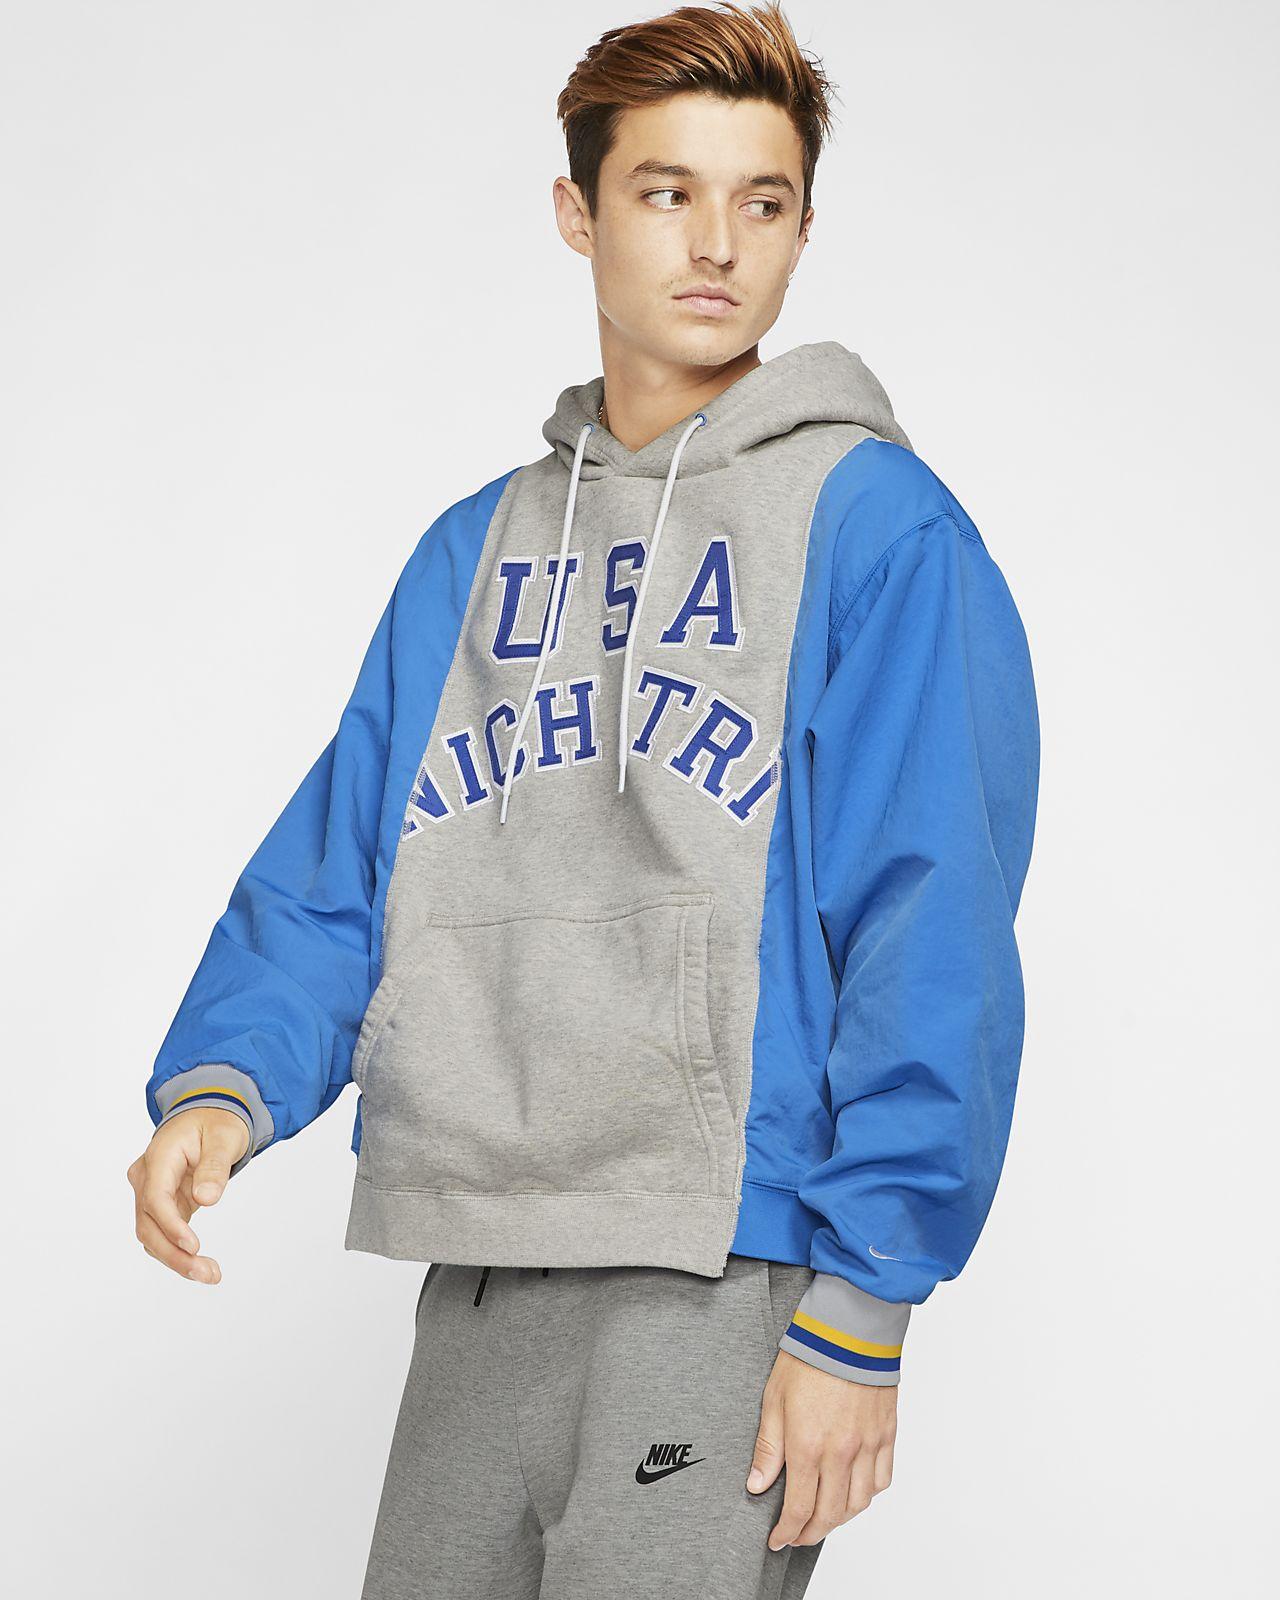 Nike ISPA 男款連帽上衣